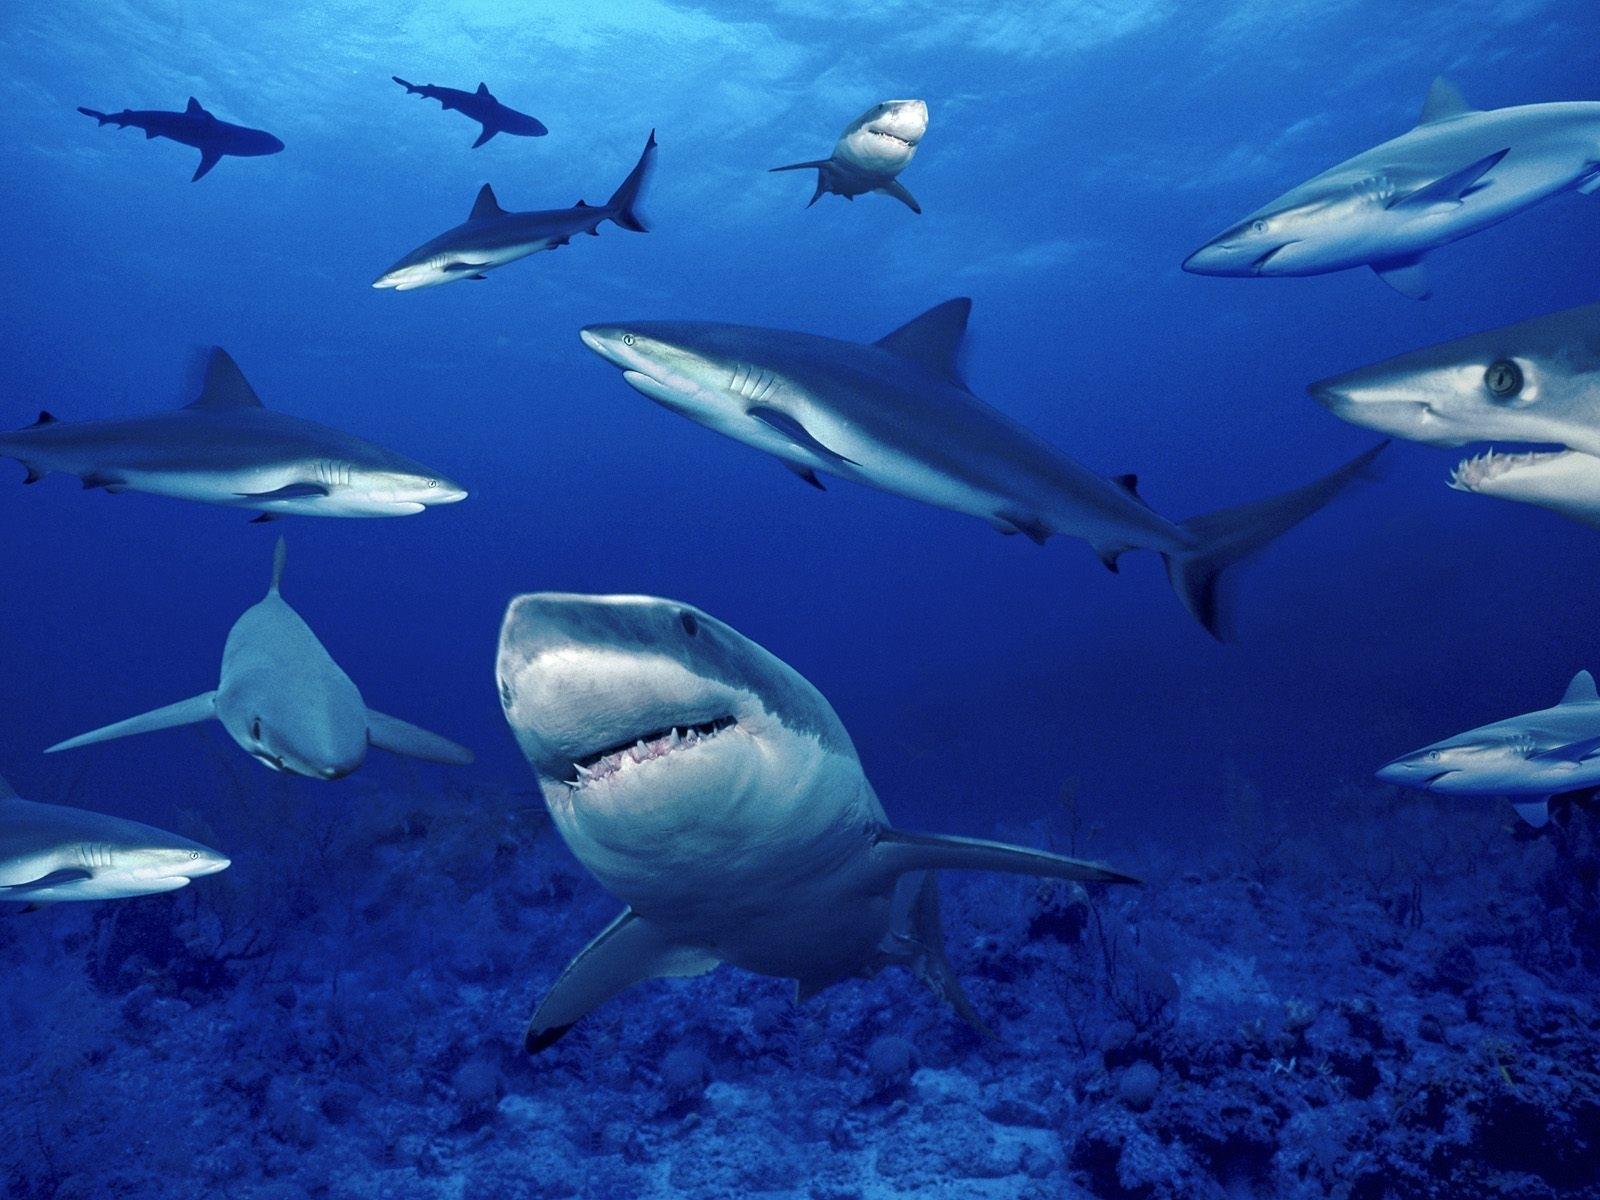 6786 Заставки и Обои Рыбы на телефон. Скачать Акулы, Рыбы, Животные, Вода картинки бесплатно